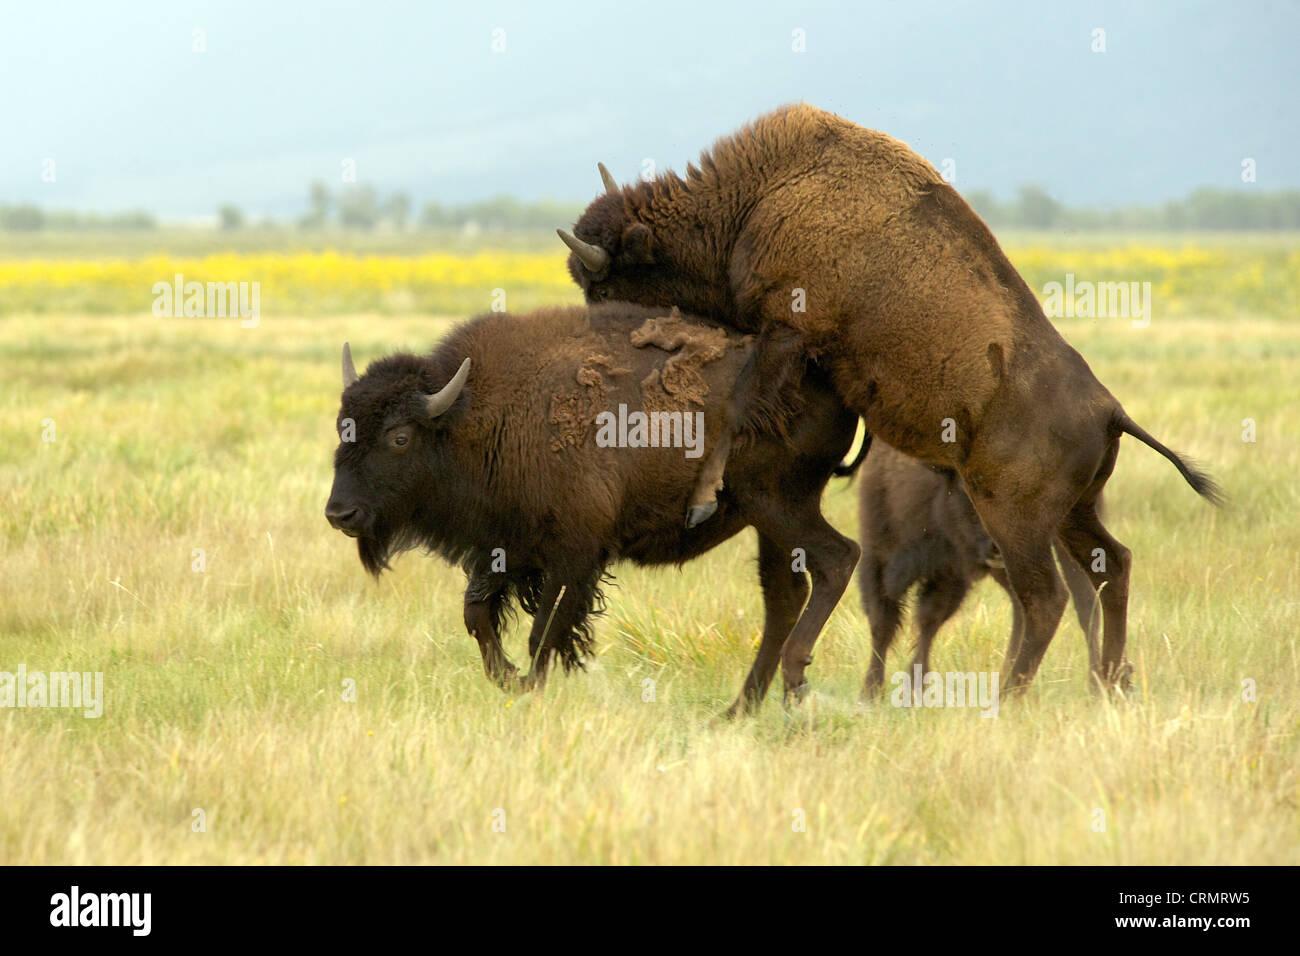 El apareamiento bisontes americanos (aka American Buffalo) en los pastizales de un intervalo libre de granja, Colorado, Imagen De Stock